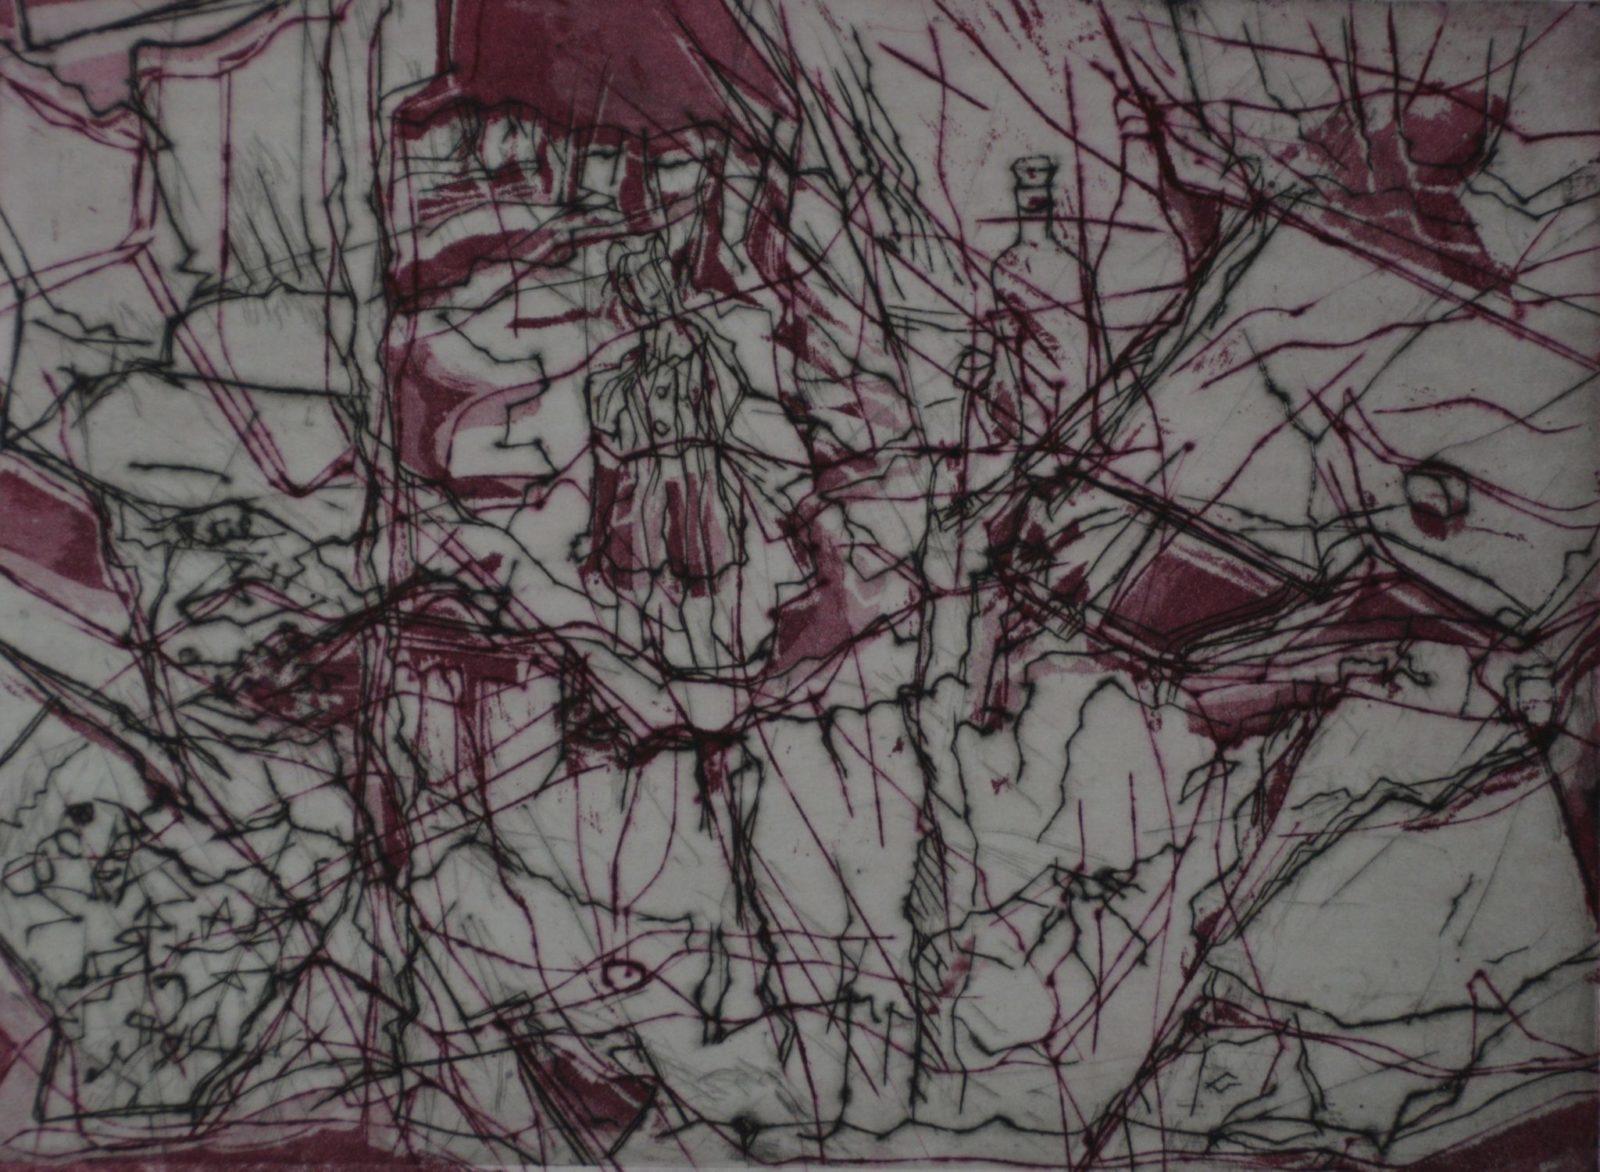 L'enfant peintre -Burin et pointe sèche – 30×40 – Eau forte et burin